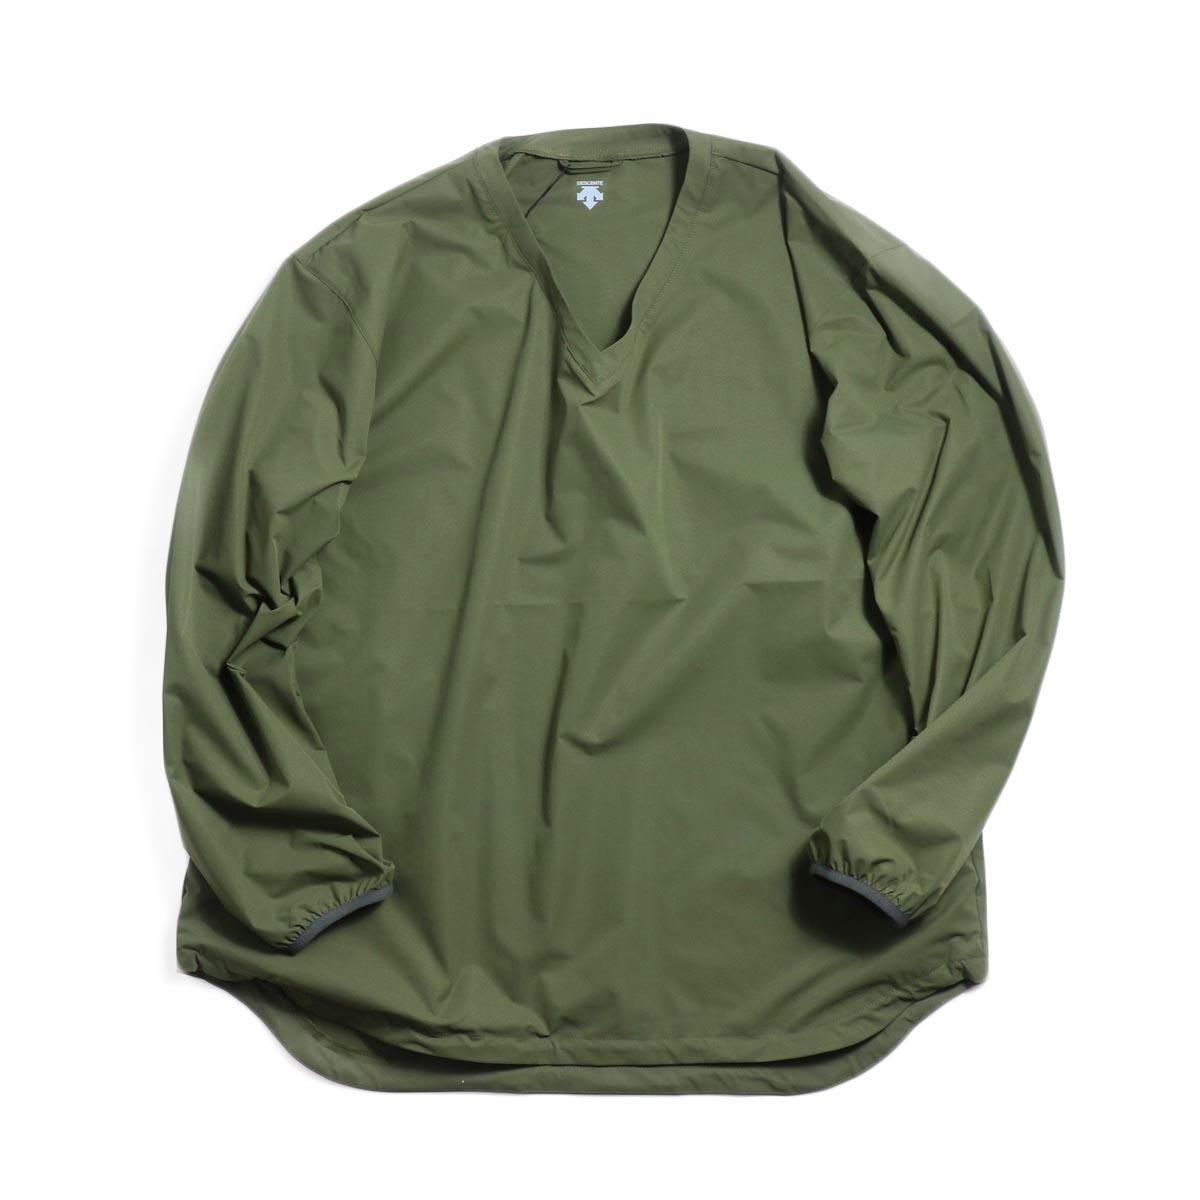 DESCENTE ddd / L/S Pullover Shirt -OGRN 正面